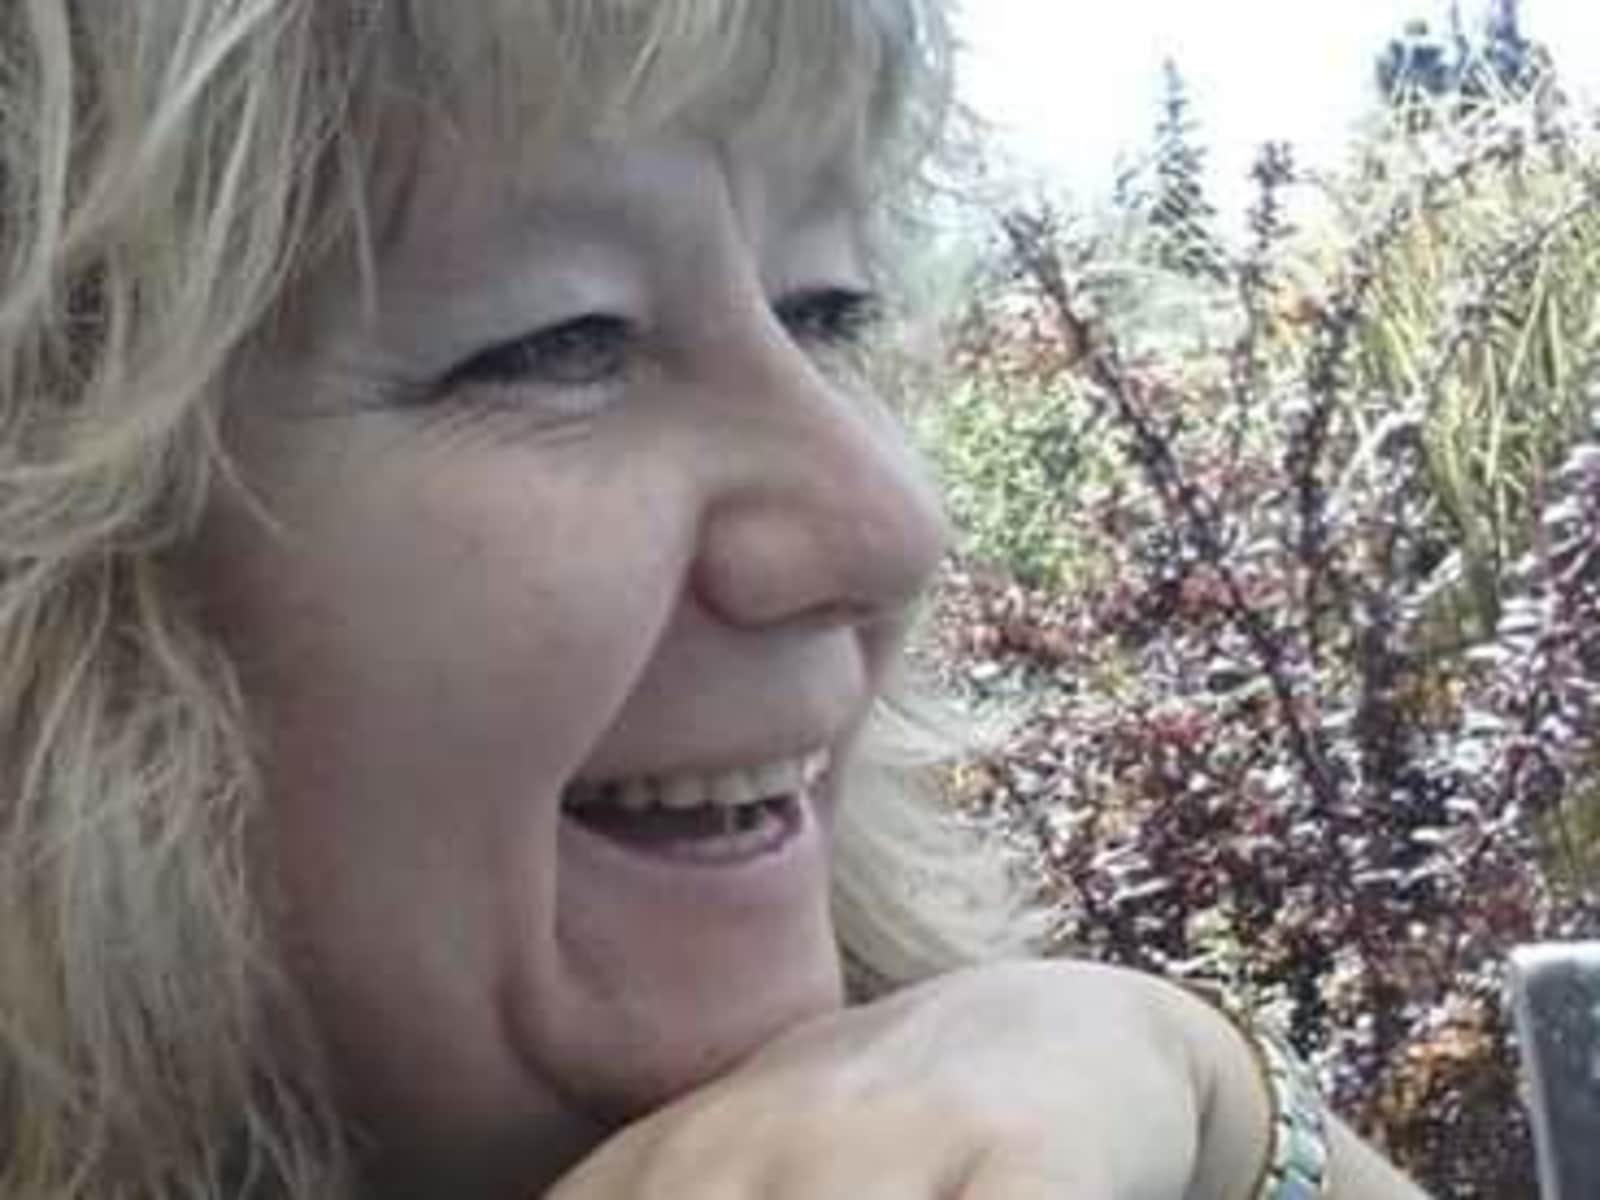 Kristine from Brisbane, Queensland, Australia